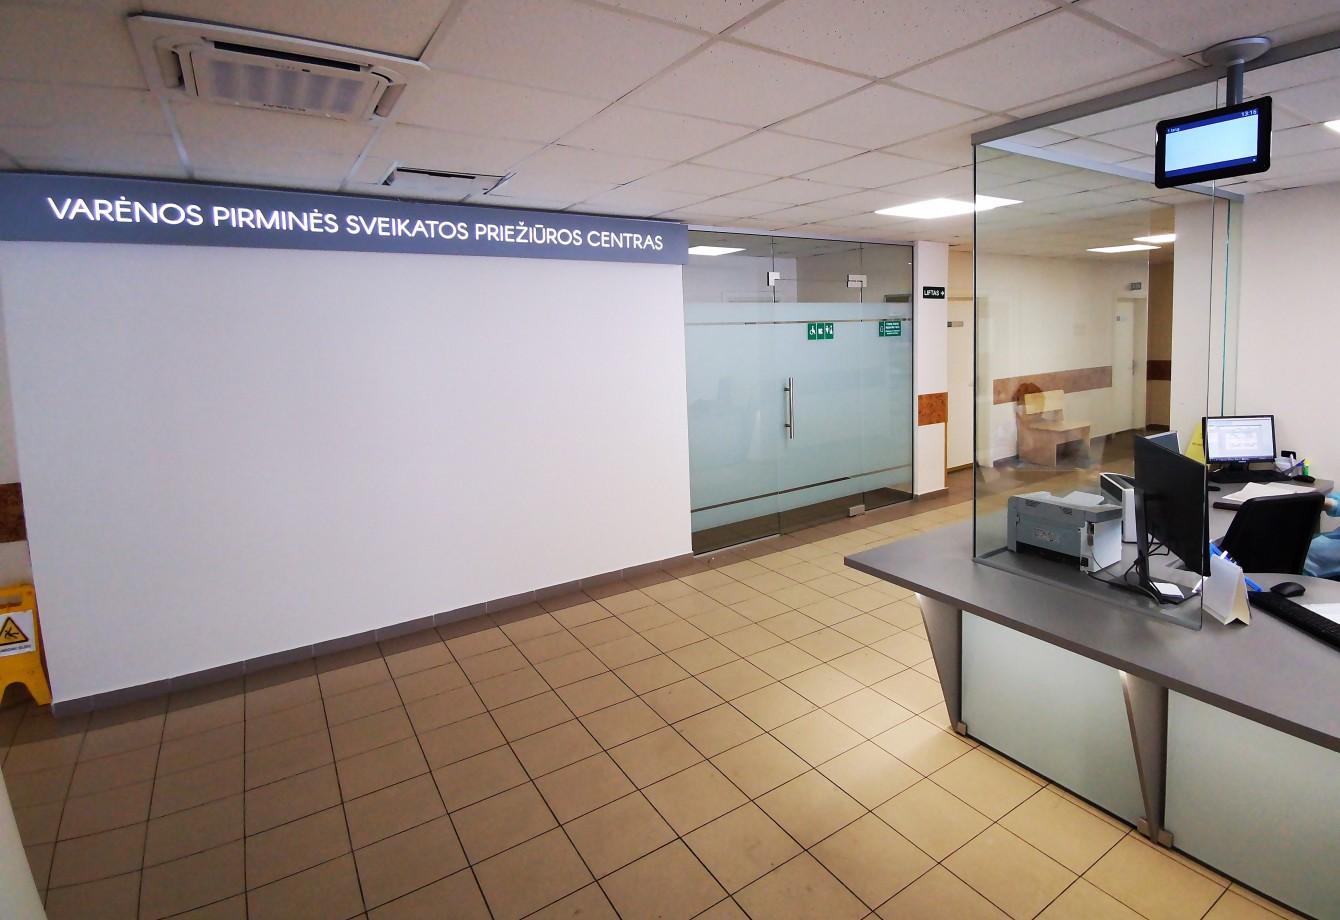 Vakcinacija nuo COVID-19 ligos nuo rugsėjo 1 d. vyks Varėnos PSPC patalpose I aukšte (buvusi kavinė), atvykti reikės per centrinį įėjimą.